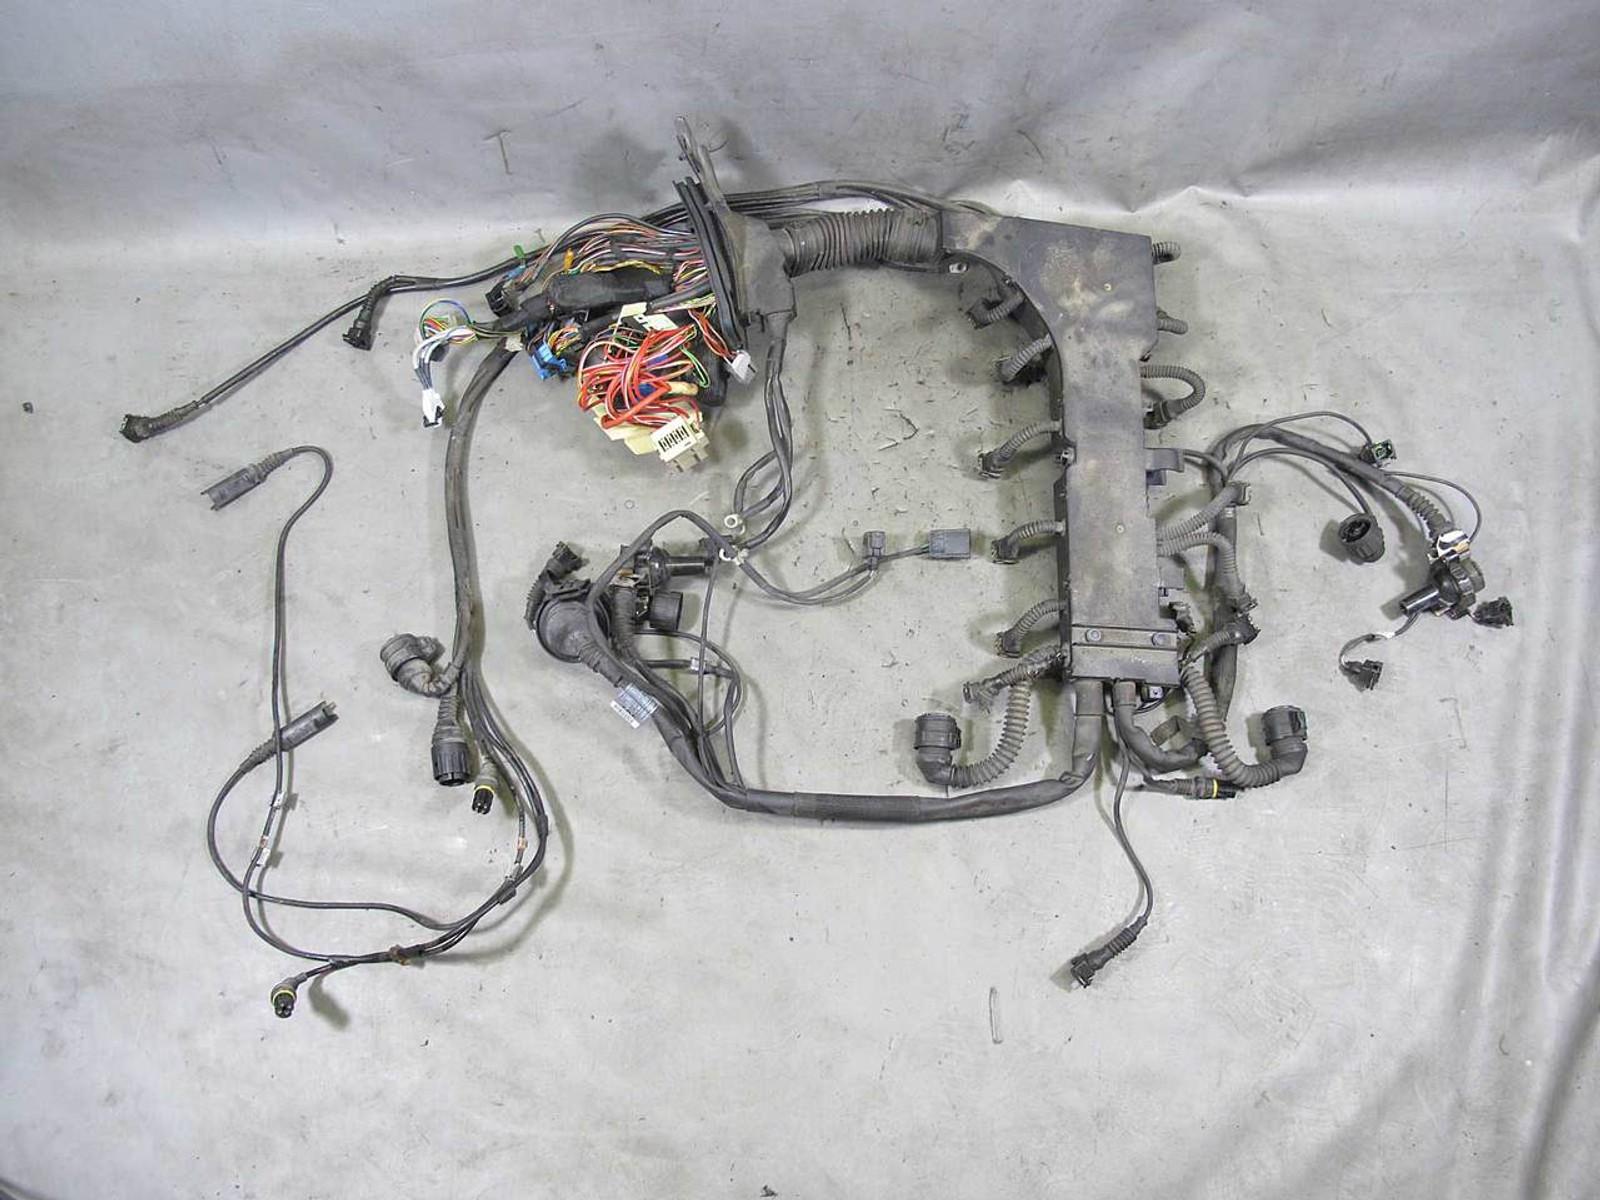 BMW E38 M73N M73TU 750iL 5.4L V12 Engine Wiring Harness Complete 1999-2001  - Prussian MotorsPrussian Motors